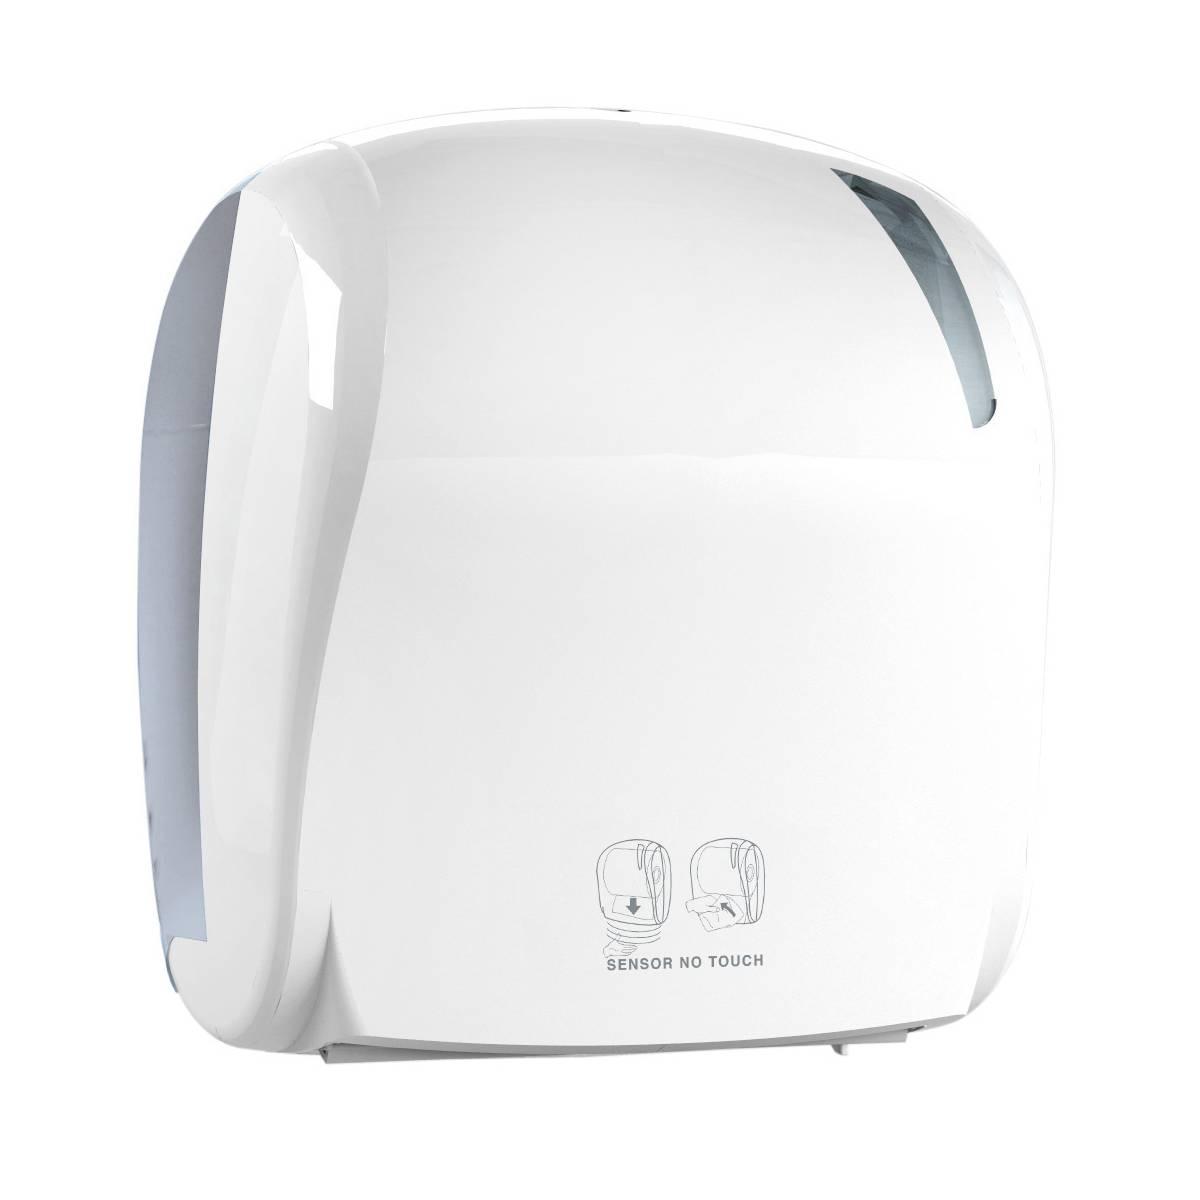 Держатель бумажных рулонных полотенец сенсорный PLUS (885) A88510 Mar Plast